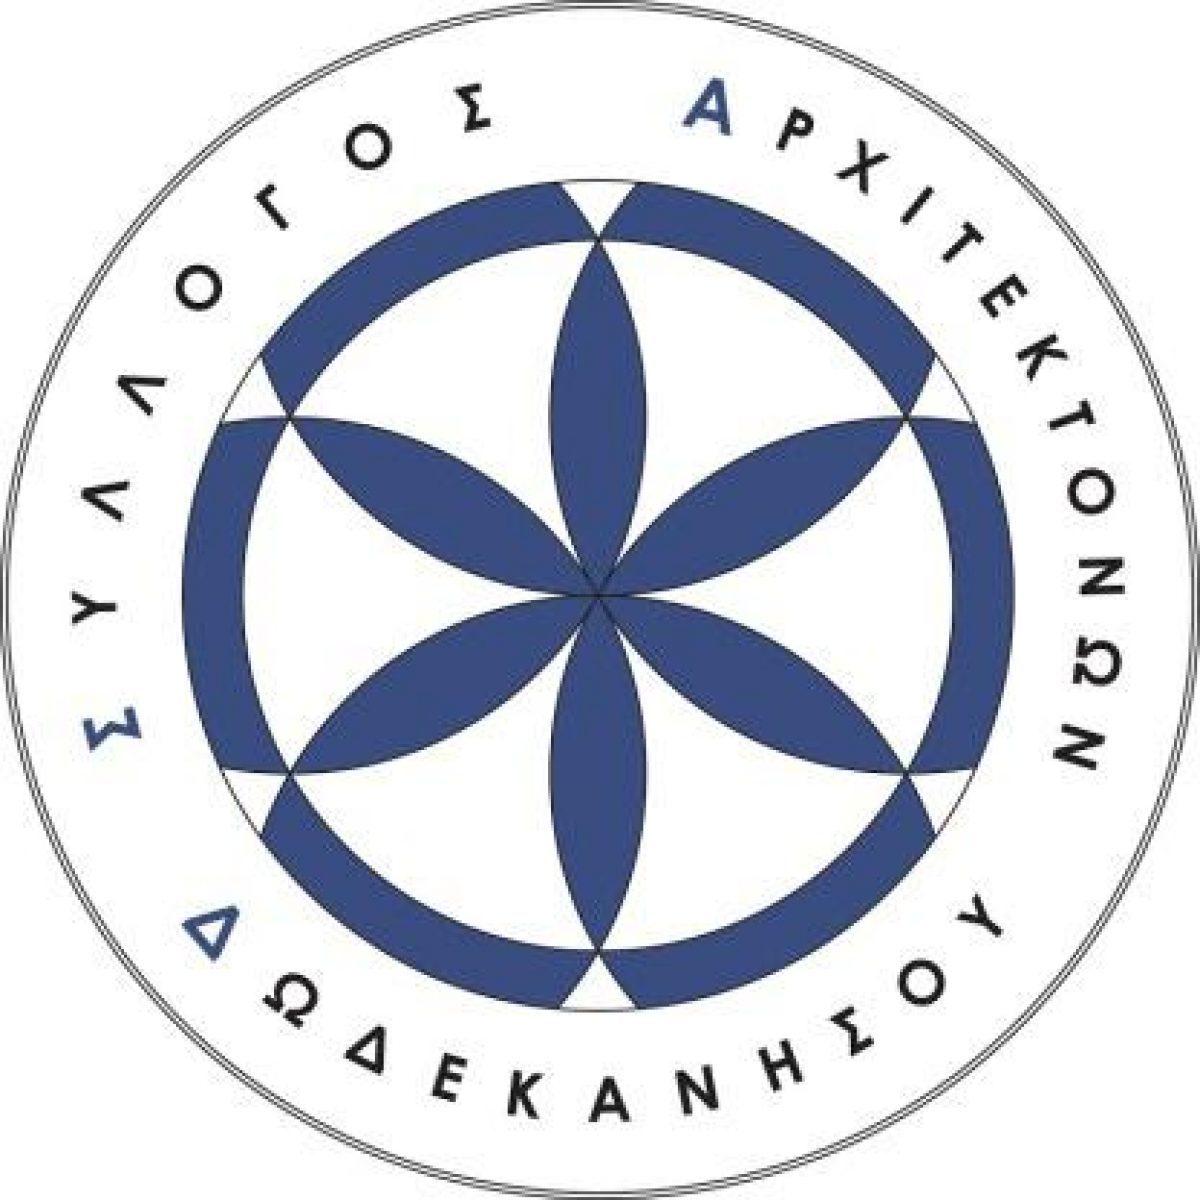 Ο Σύλλογος Αρχιτεκτόνων Δωδεκανήσου θα έχει συναντήσεις με τον πρόεδρο του Τεχνικού Επιμελητηρίου Ελλάδας και τον πρόεδρο της Πανελλήνιας Ένωσης Αρχιτεκτόνων, στην Αθήνα